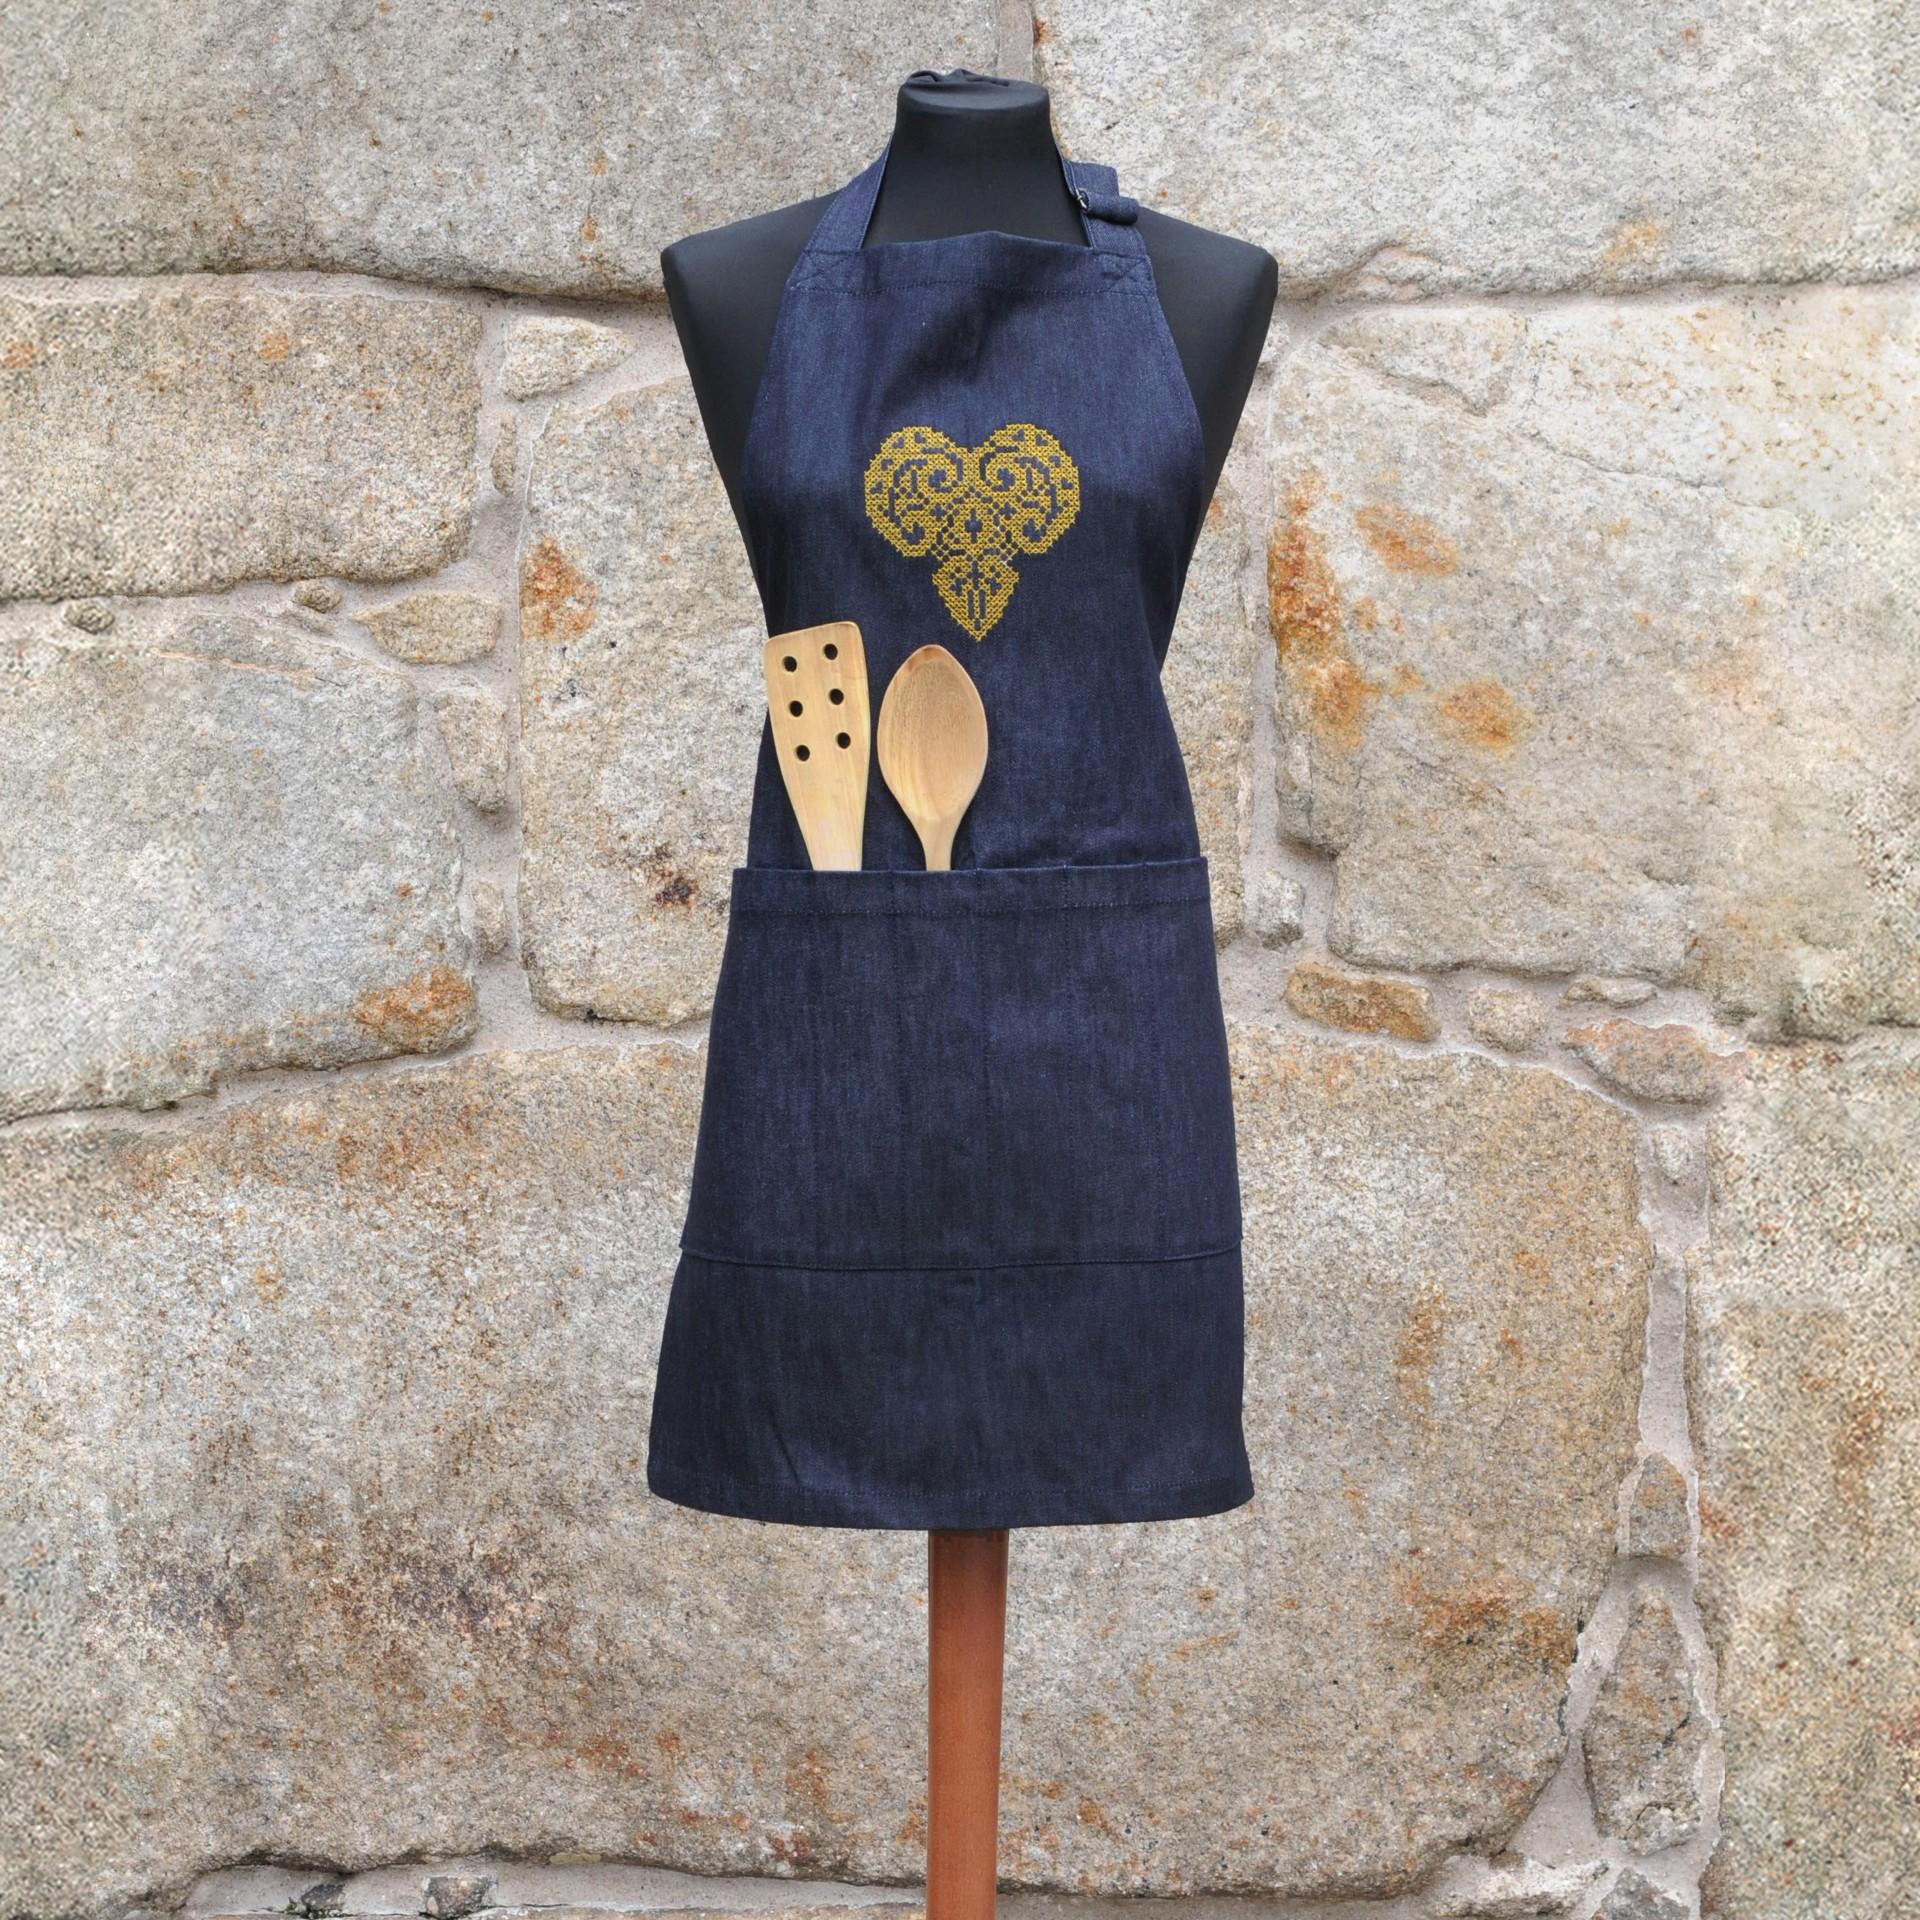 Avental em ganga - coração dourado em filigrana, sem folhos